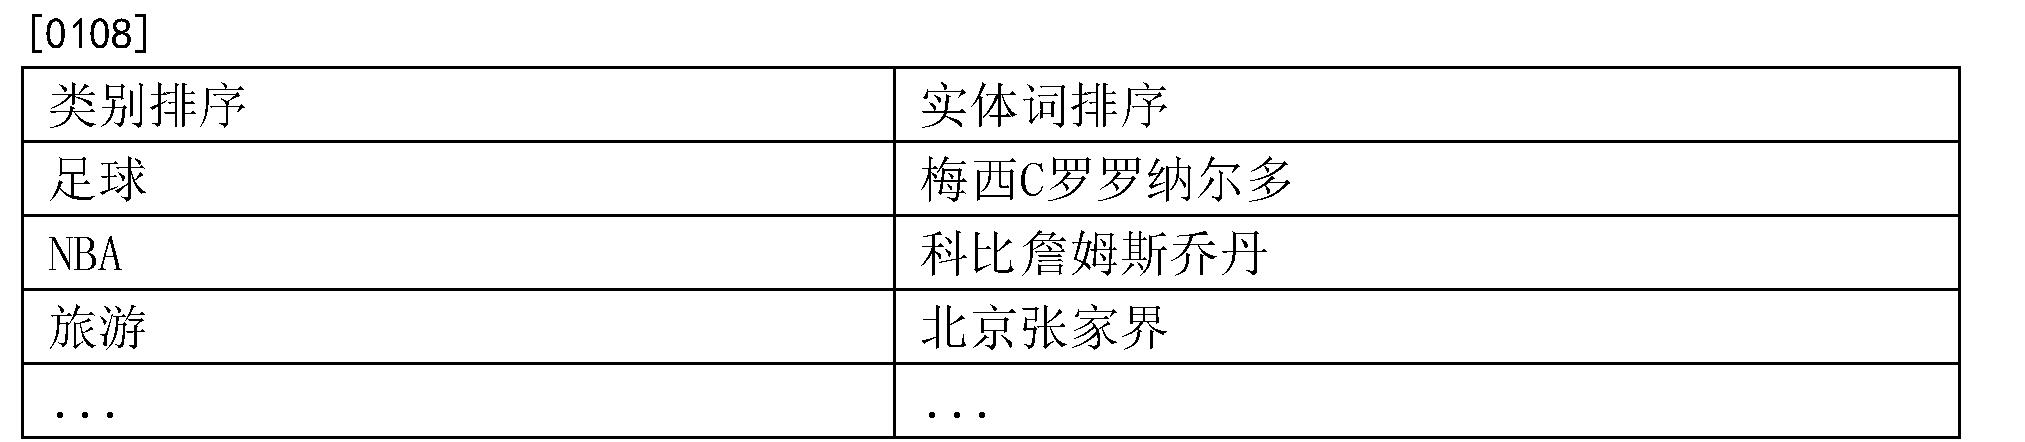 Figure CN103886090BD00172